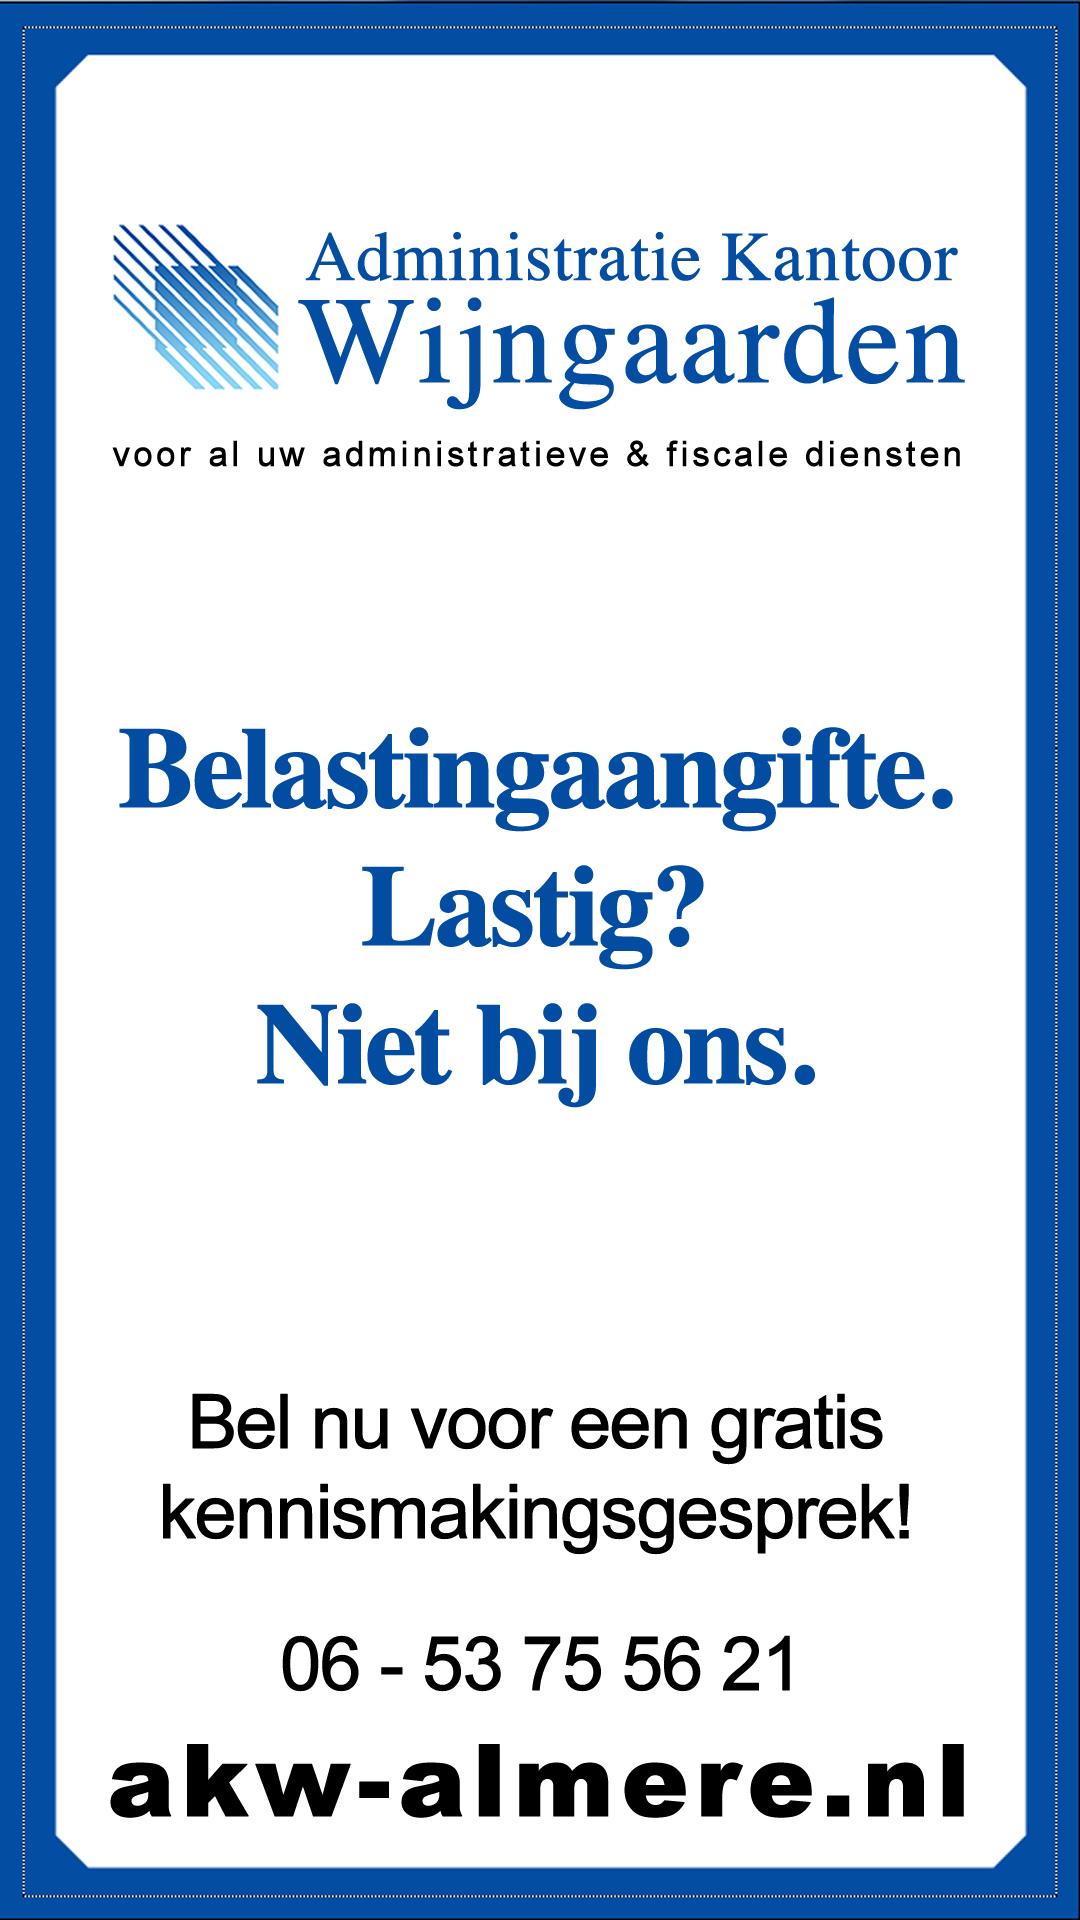 Wijngaarden_administratie_kantoor